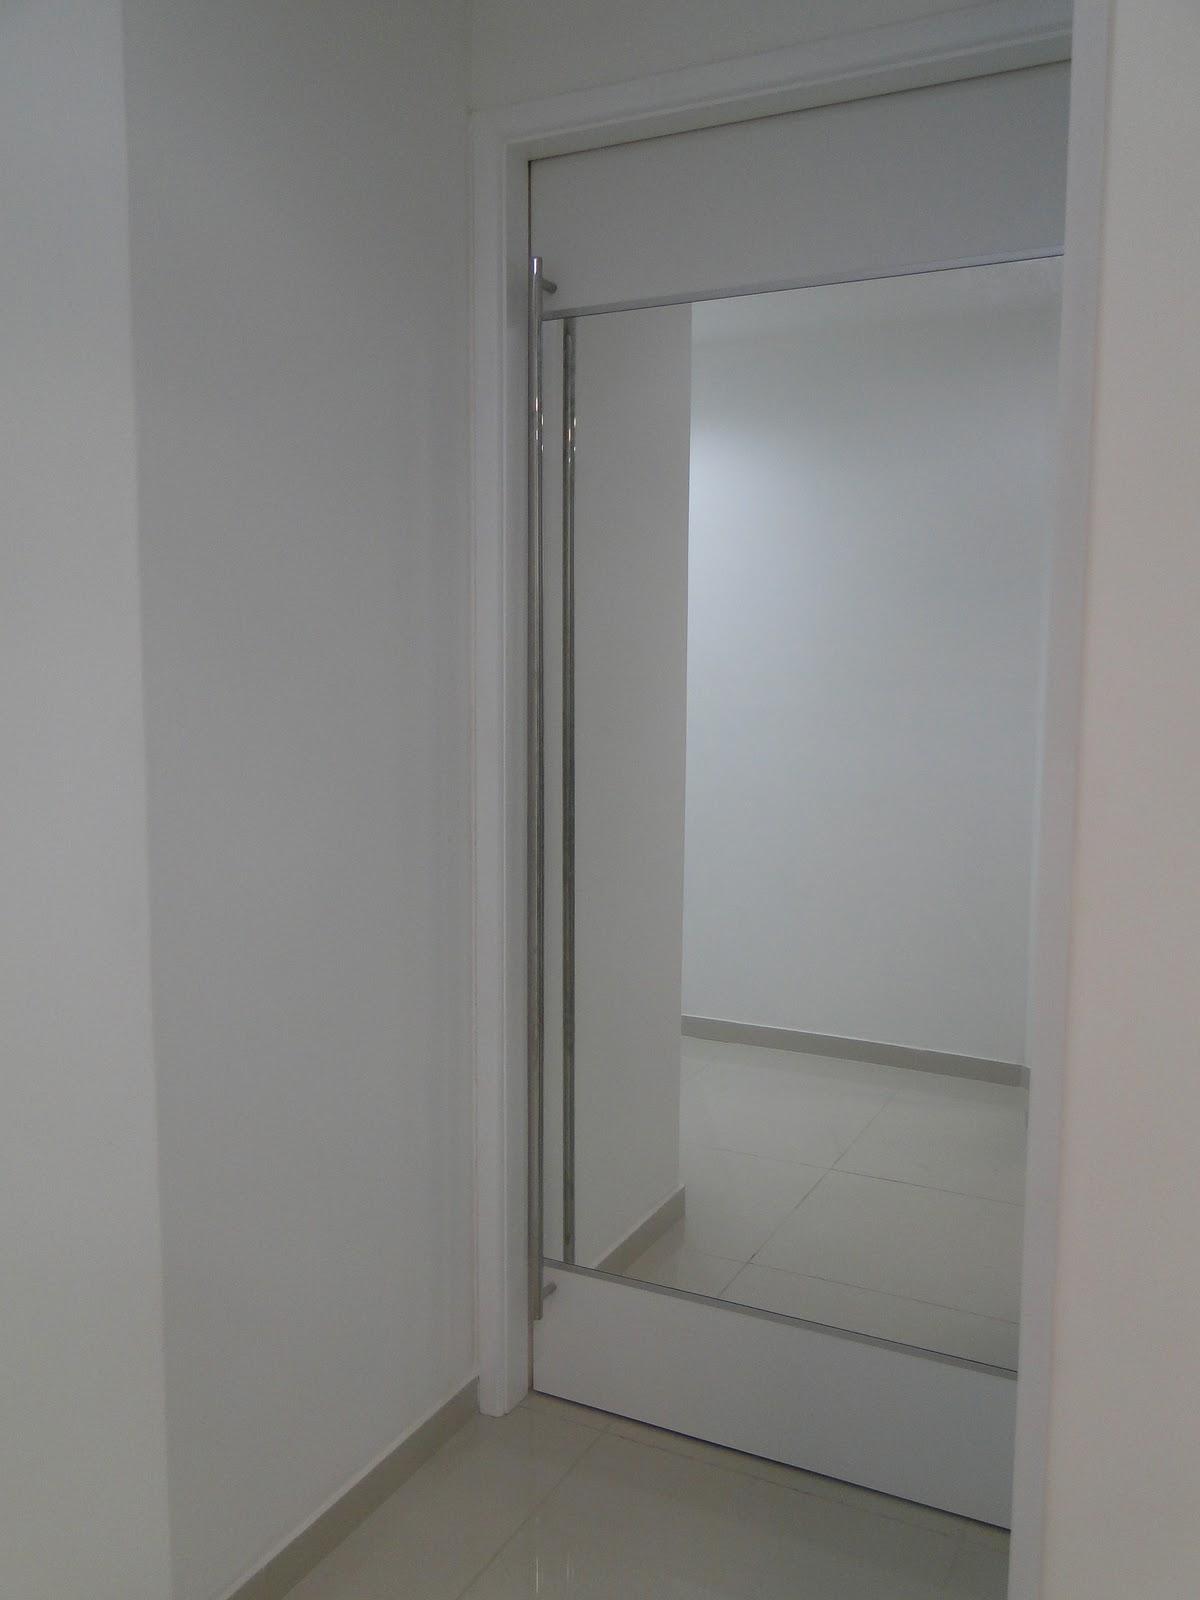 Renata Gama Arquitetura interiores paisagismo e meio ambiente. #596572 1200x1600 Banheiro Cadeirante Tamanho